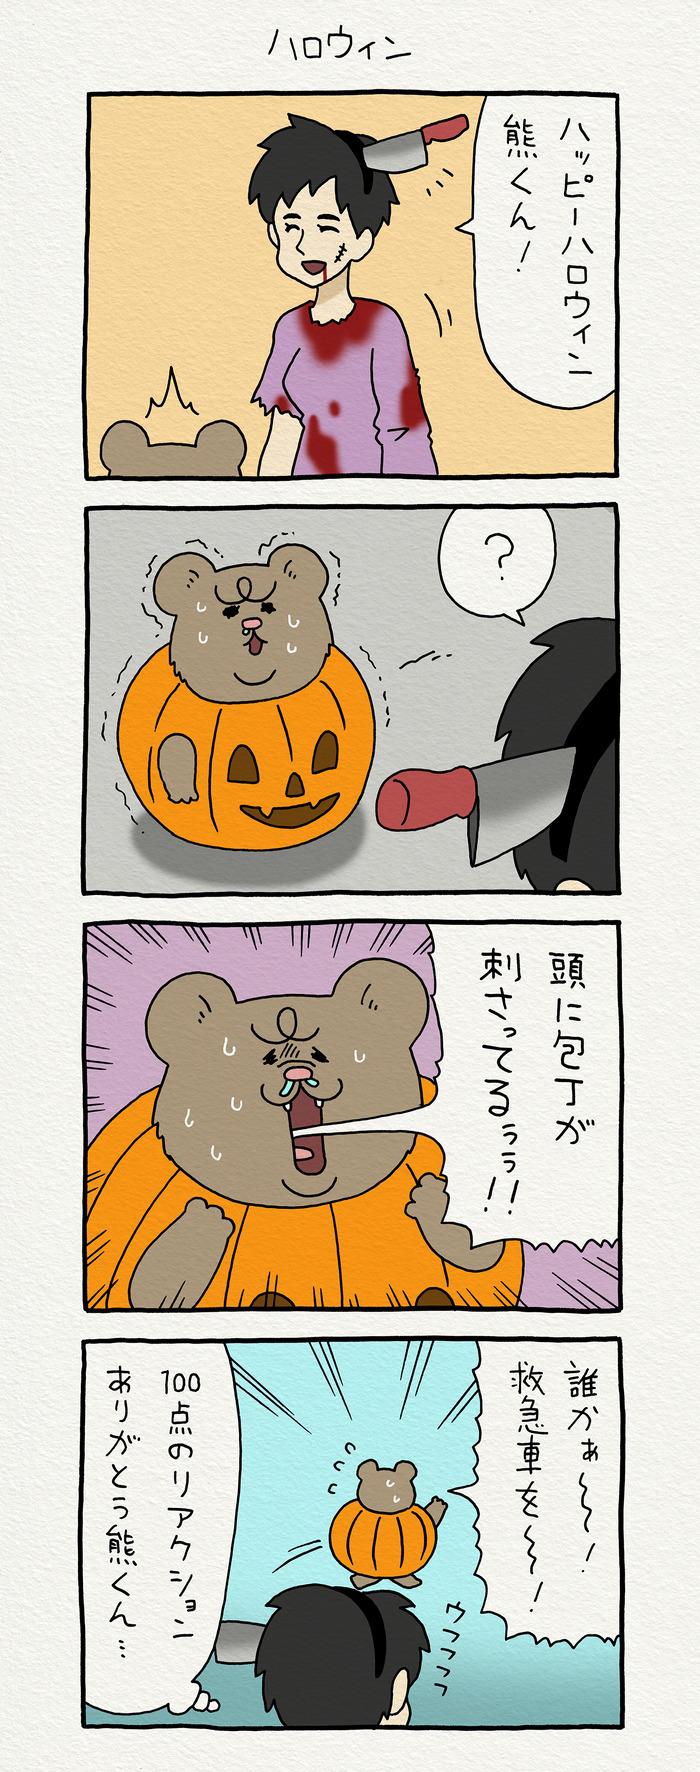 悲熊 ハロウィン1 のコピー